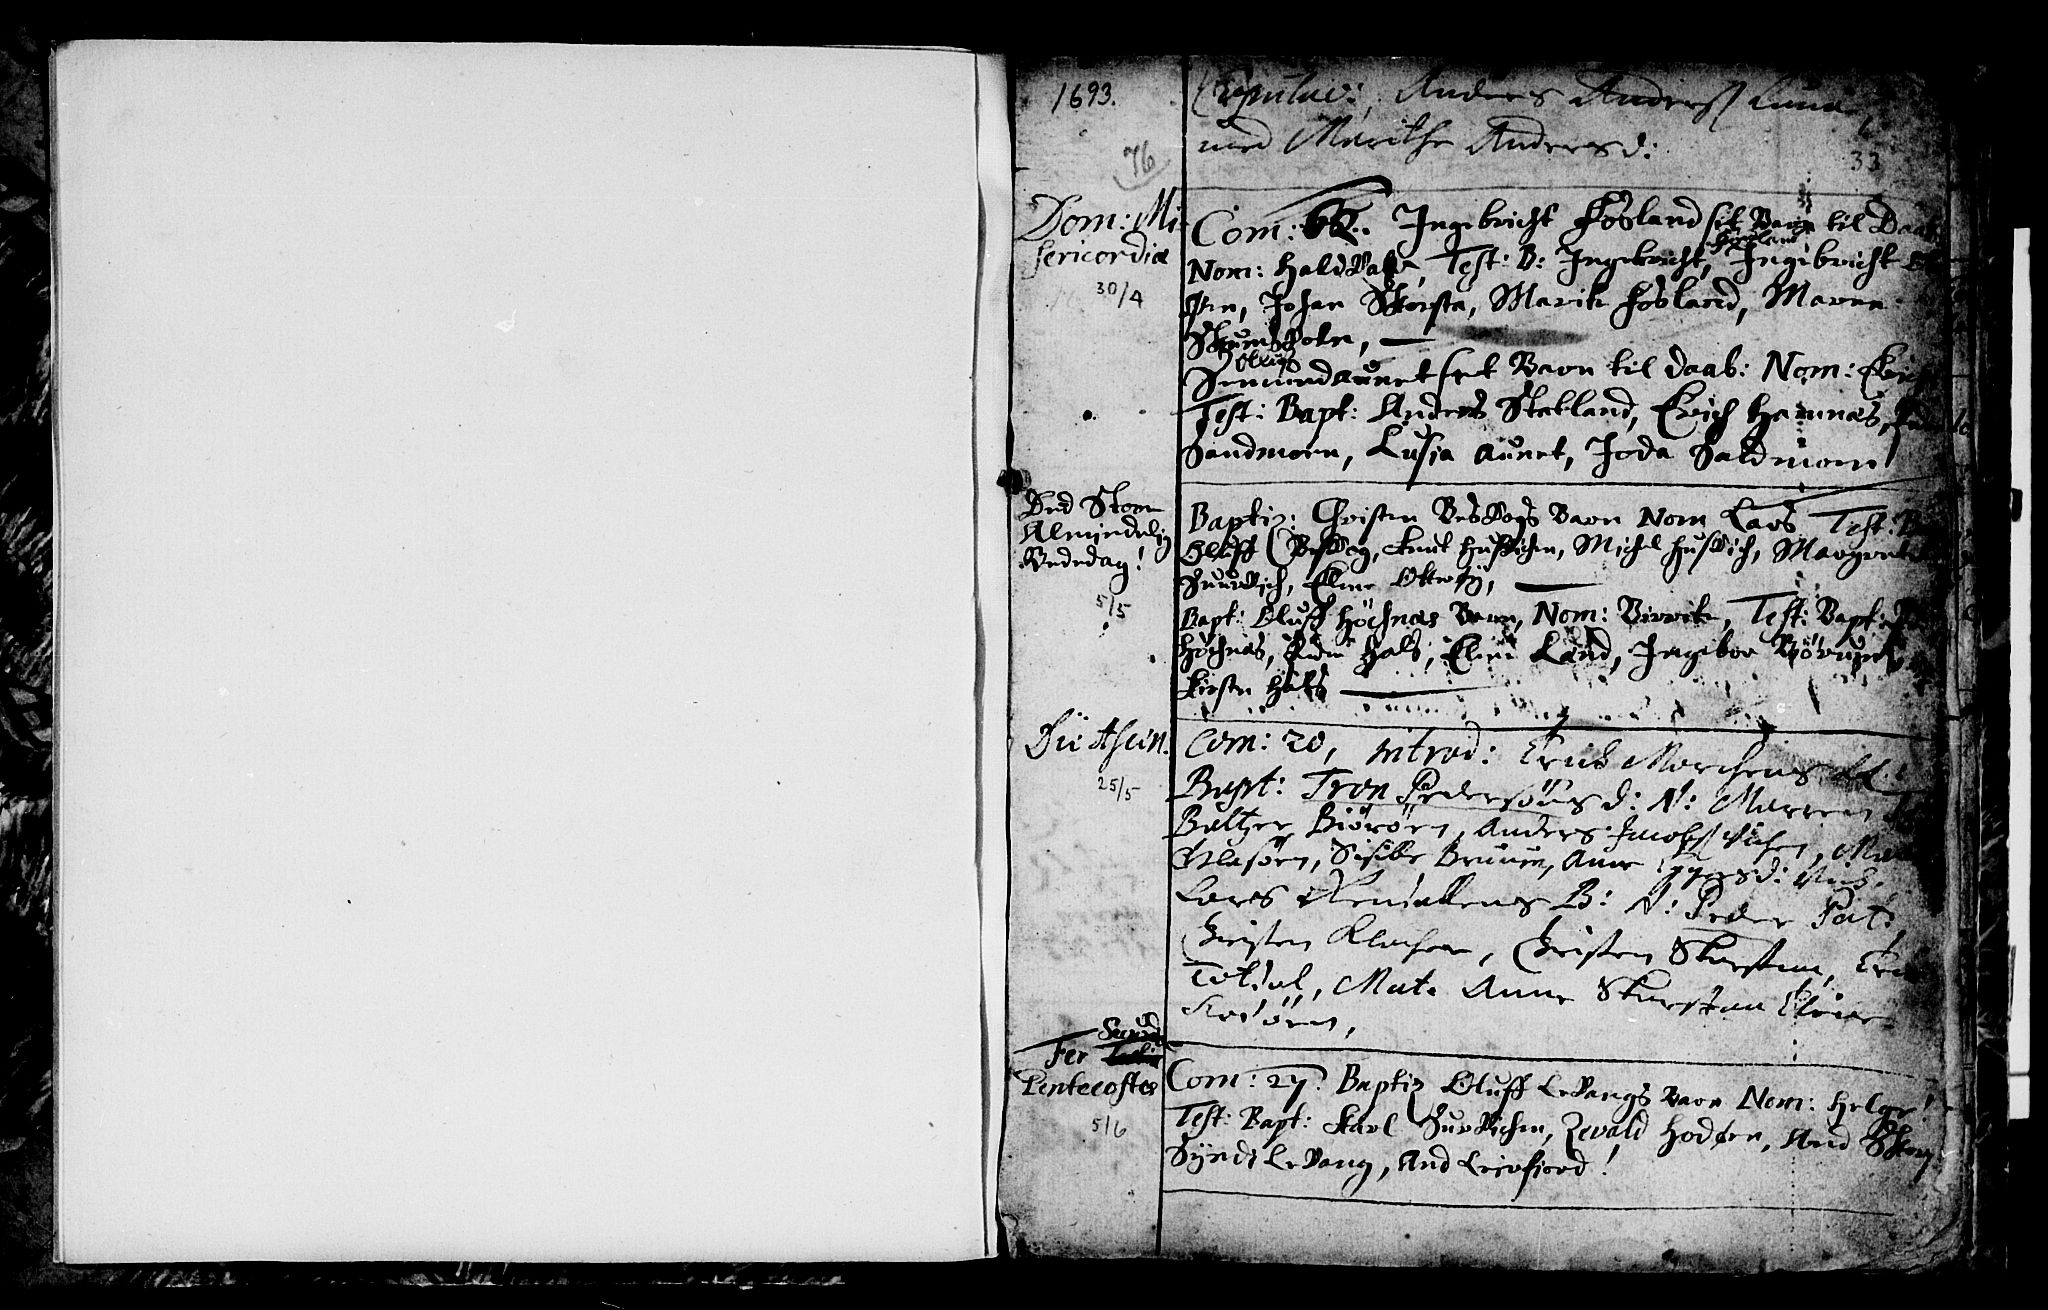 SAT, Ministerialprotokoller, klokkerbøker og fødselsregistre - Nord-Trøndelag, 774/L0627: Ministerialbok nr. 774A01, 1693-1738, s. 32-33